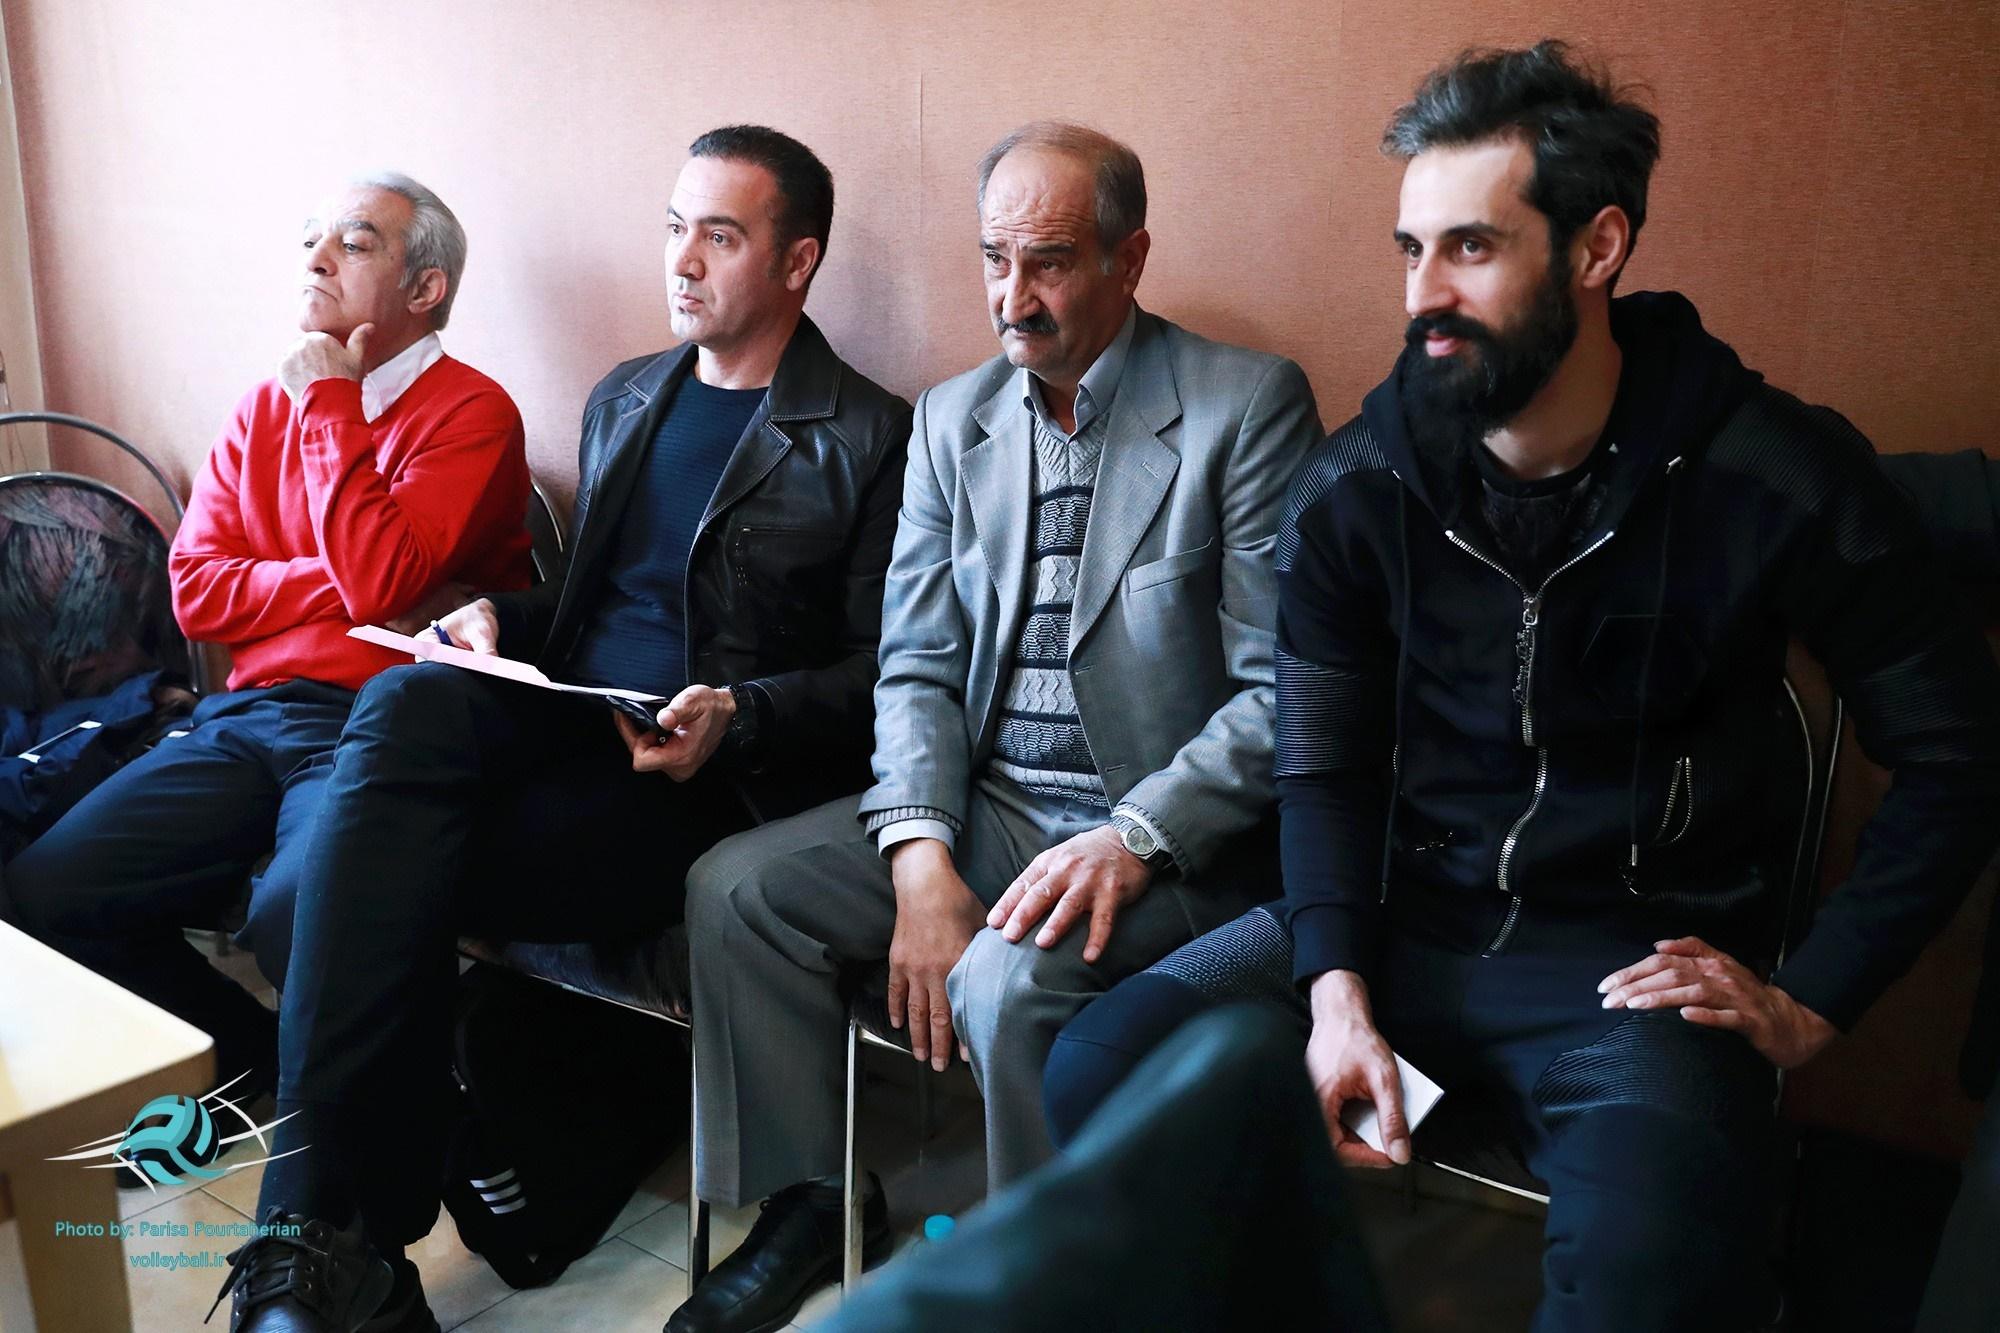 رای کمیته انضباطی در مورد بازی جنجالی لیگ برتر والیبال/ سعید معروف محروم شد